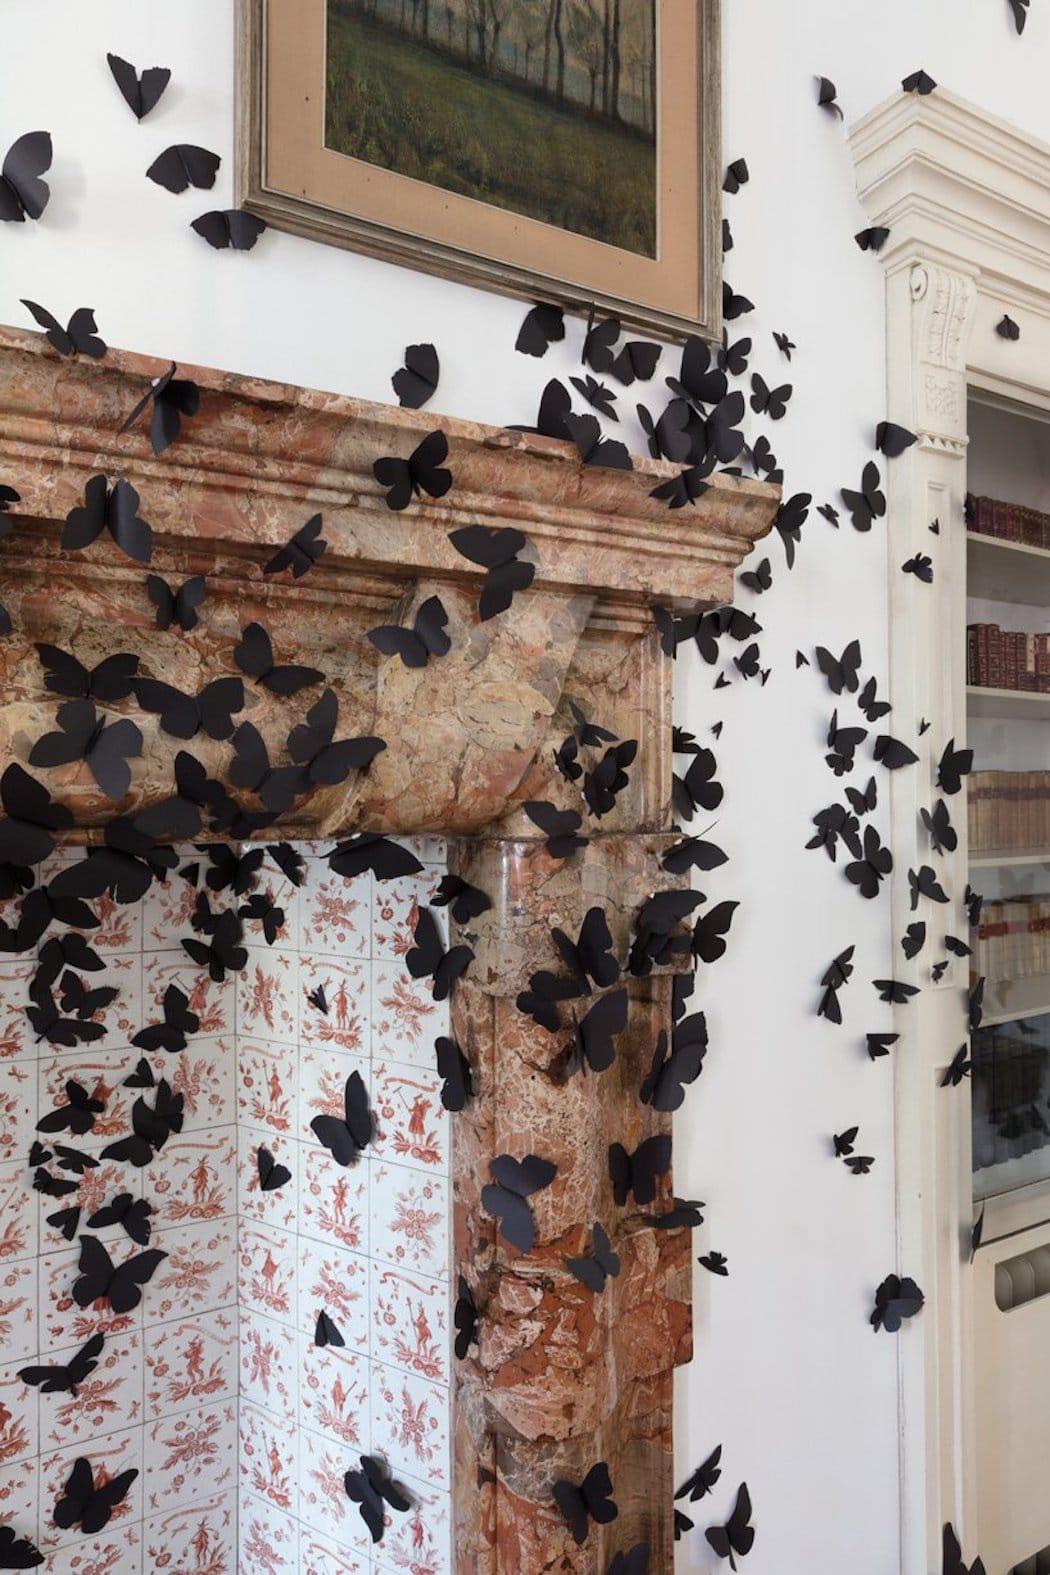 Intalación de mariposas de papel